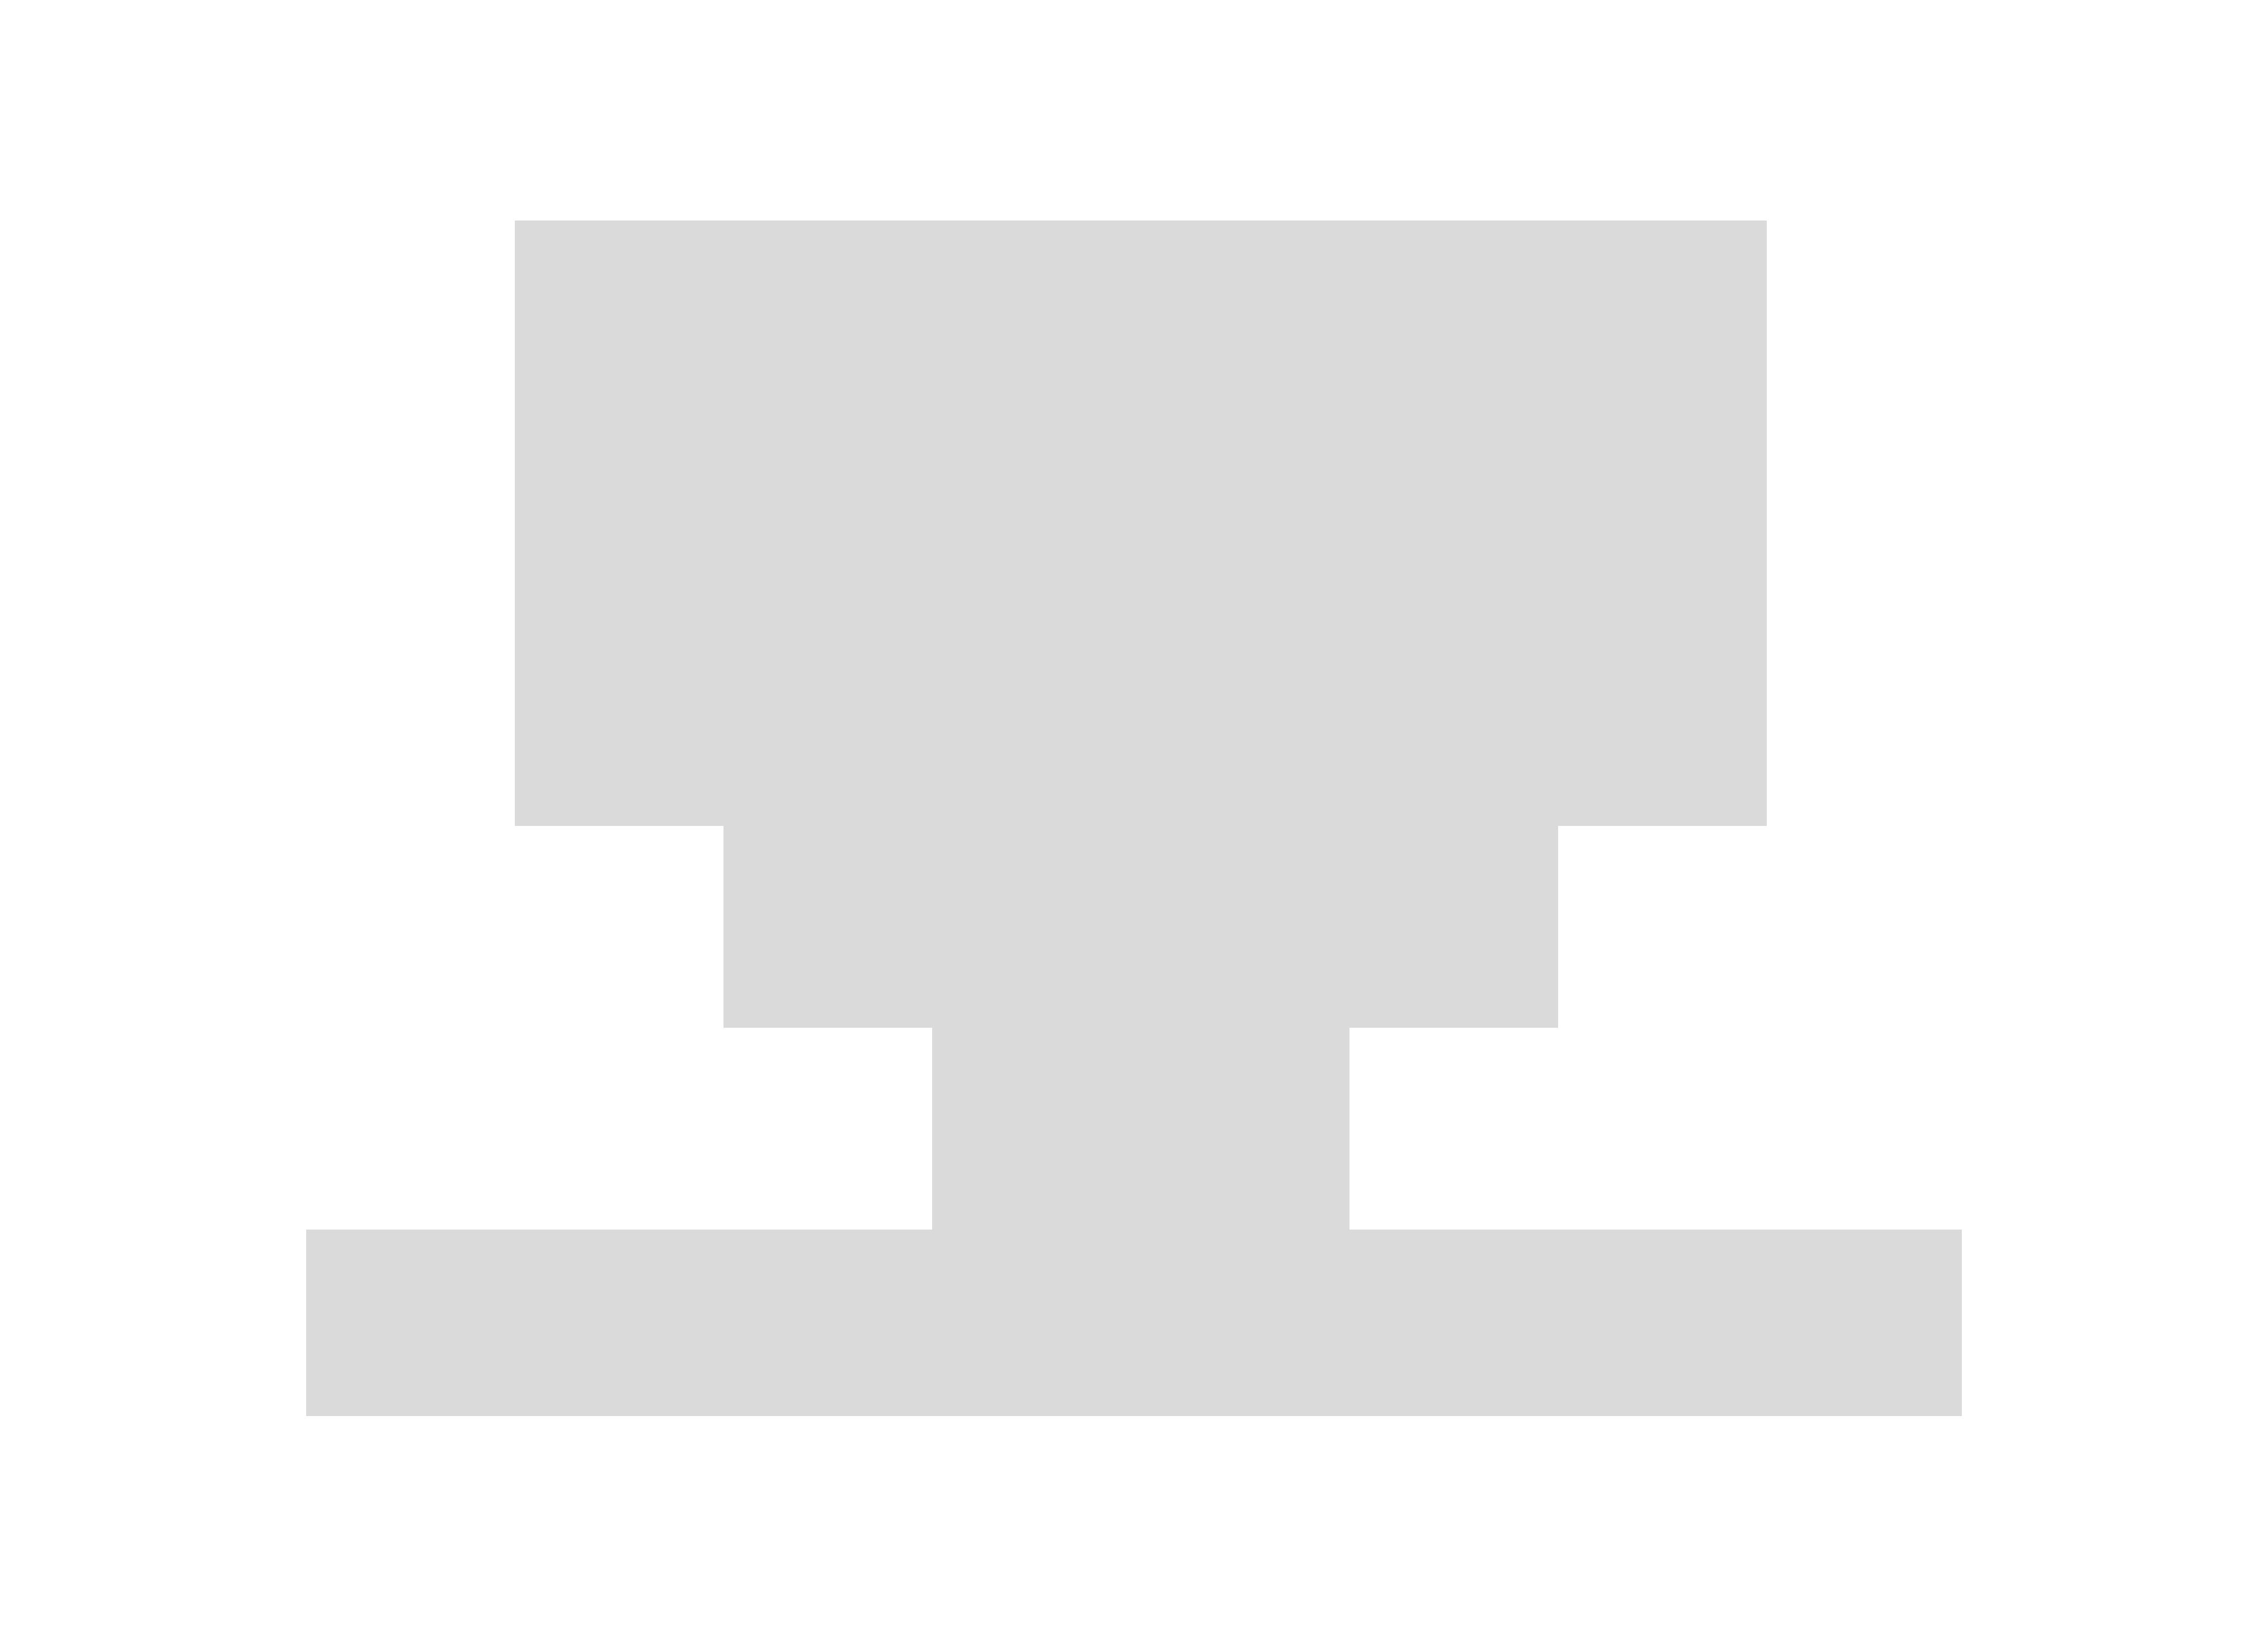 Vorwerk-Happ